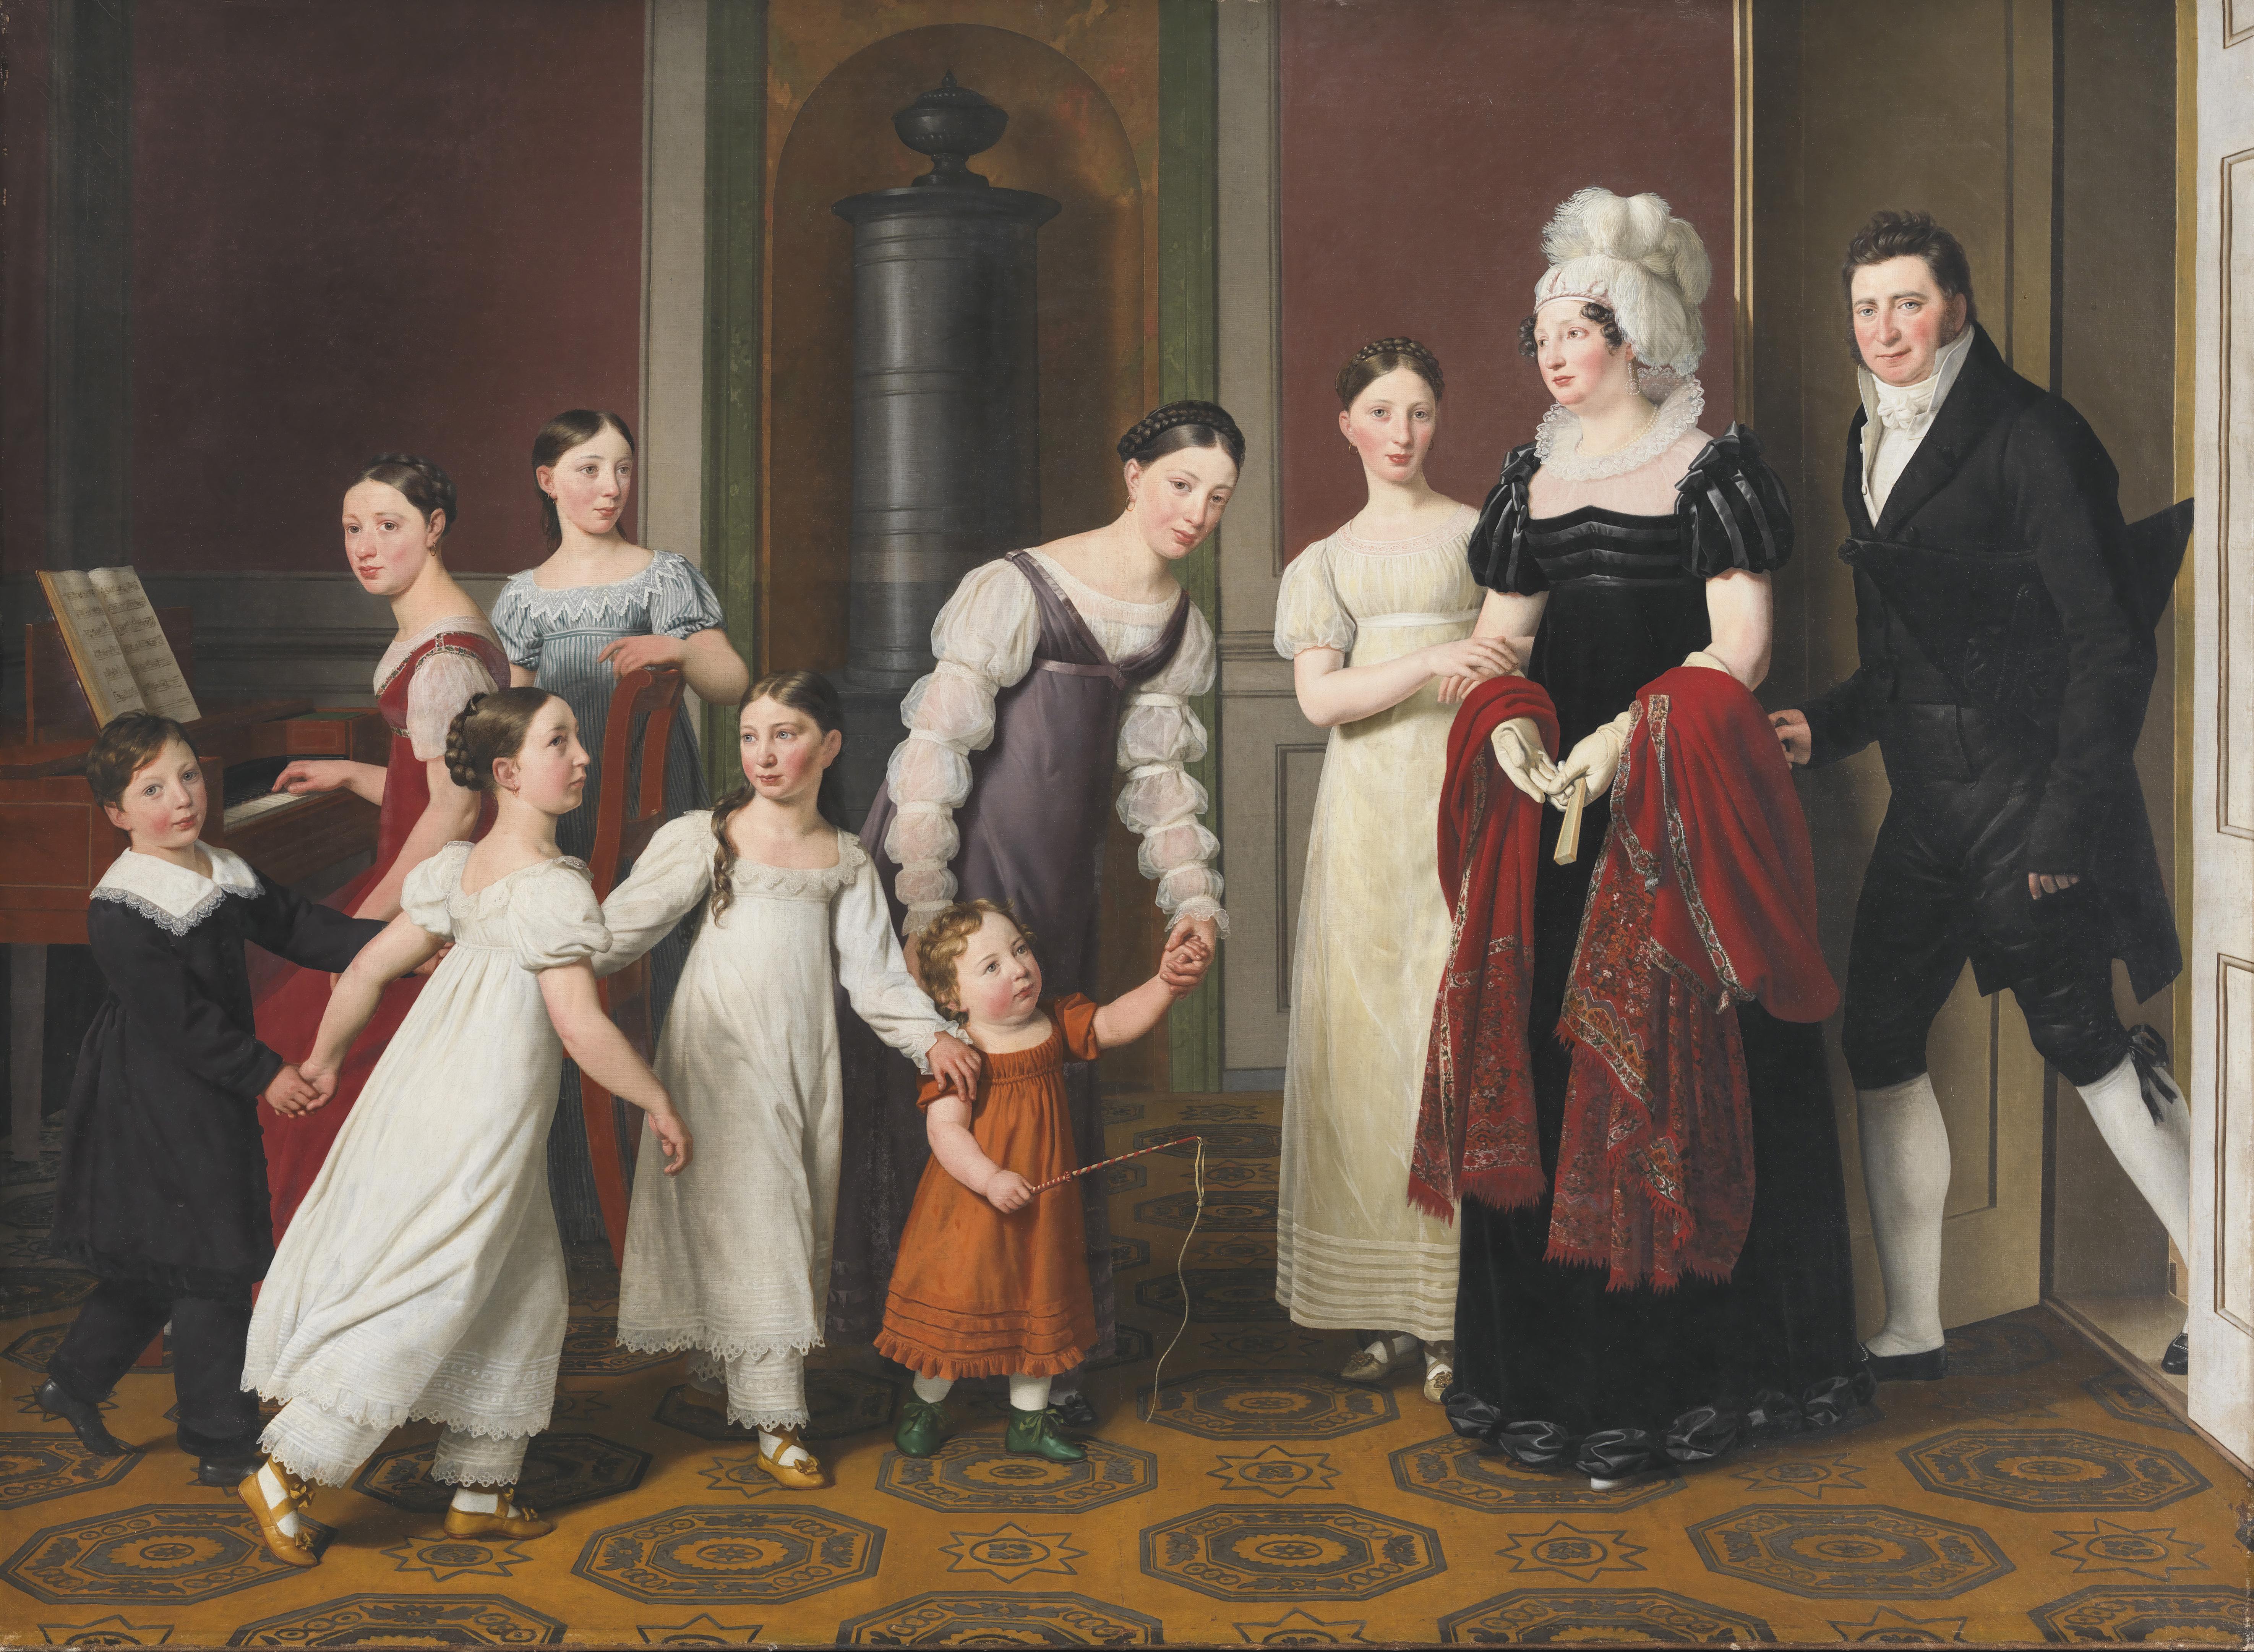 """Christoffer Wilhelm Eckersberg, """"Familjen Nathanson"""", 1818. Olja på duk. SMK, Statens Museum for Kunst."""